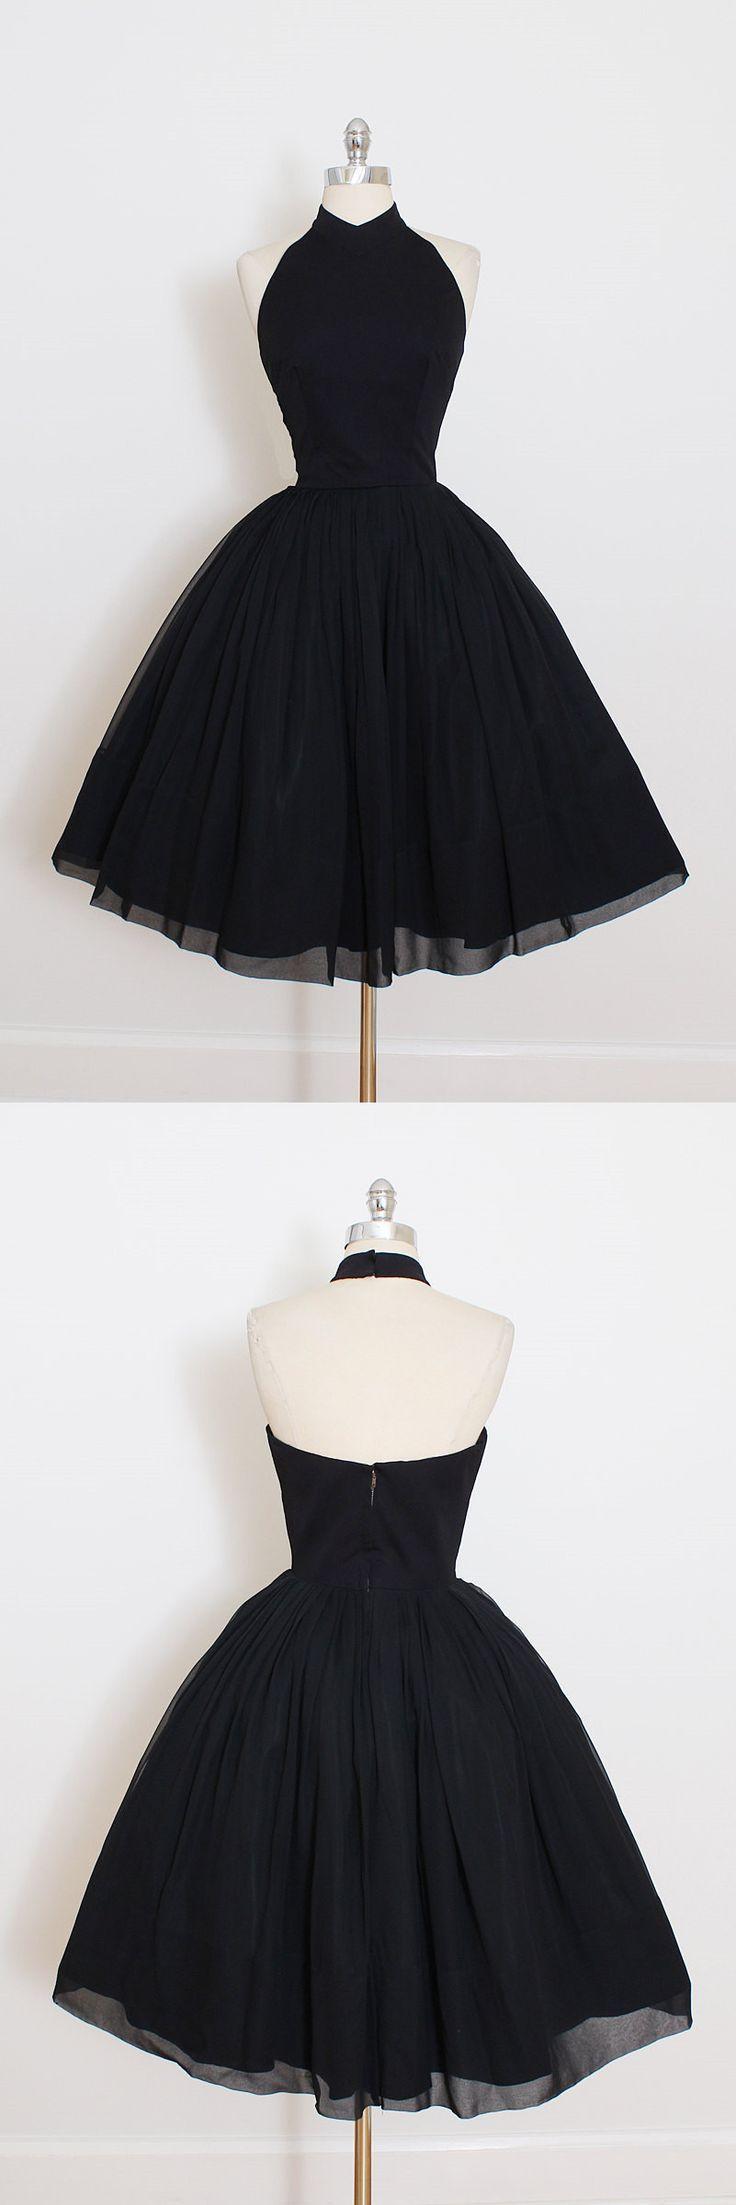 little black dress, 2017 short black prom dress, vintage